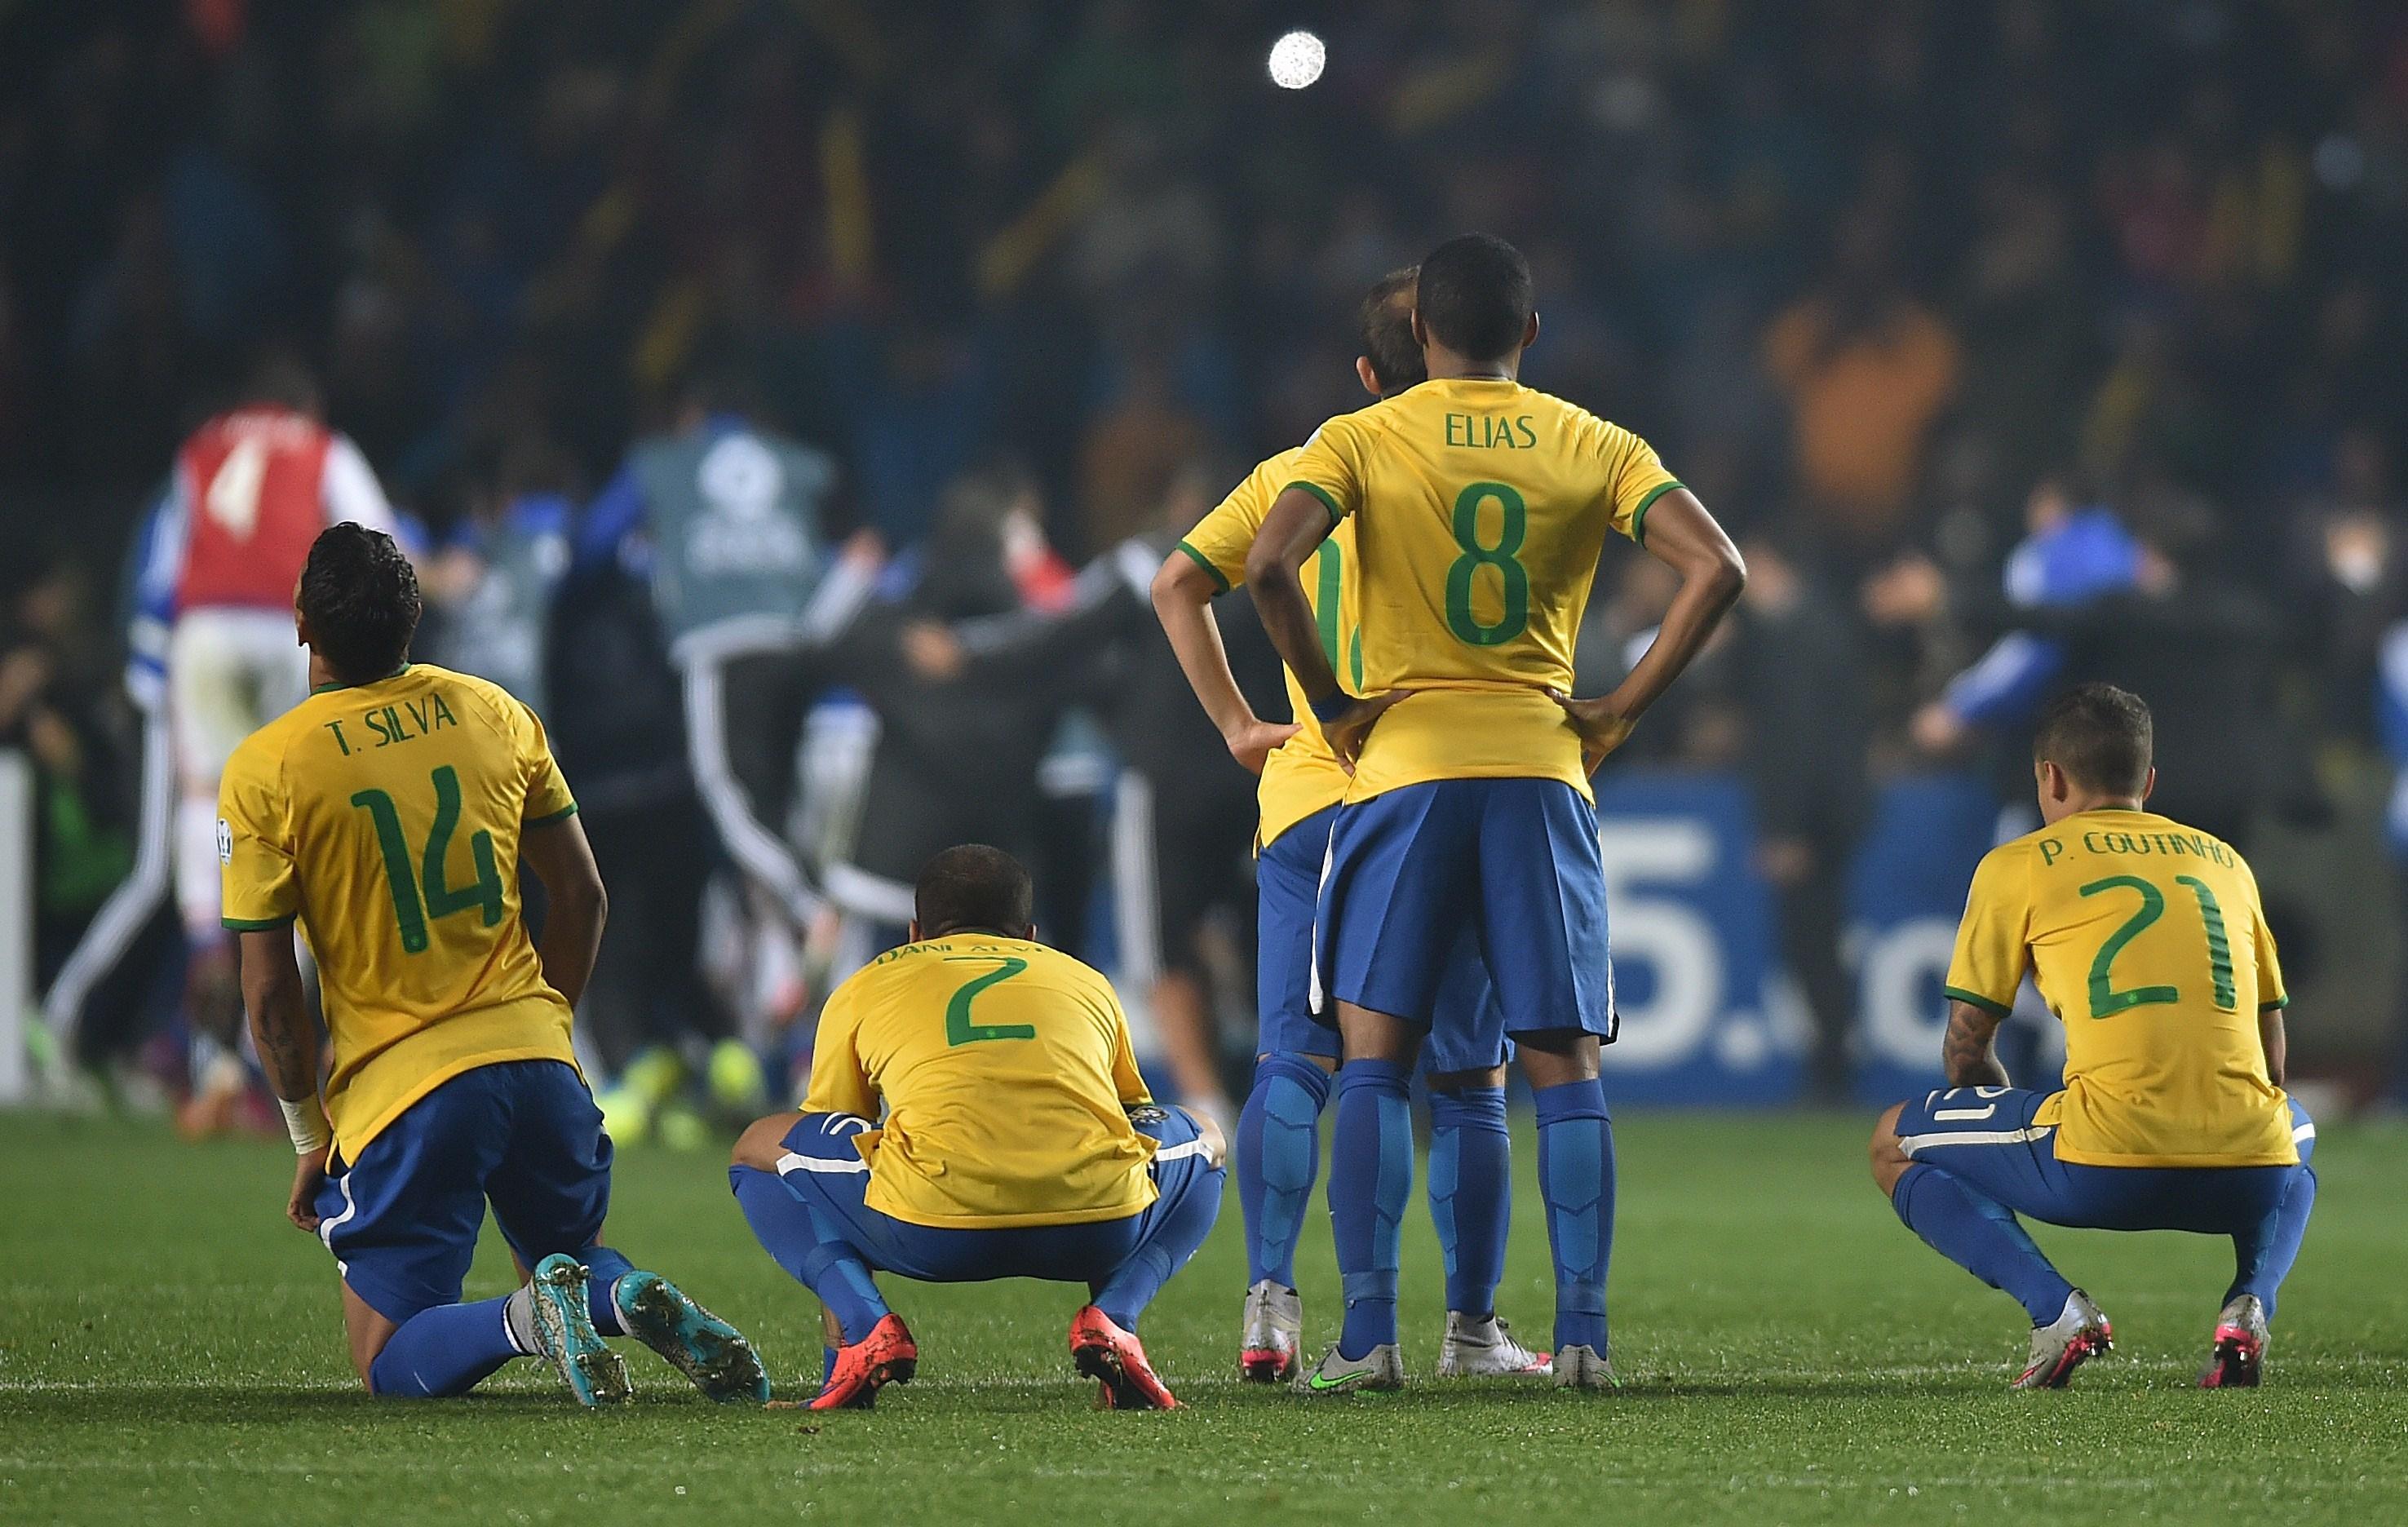 Copa America : Le Brésil, éliminé avant les quarts de finale, est exclu de la fête